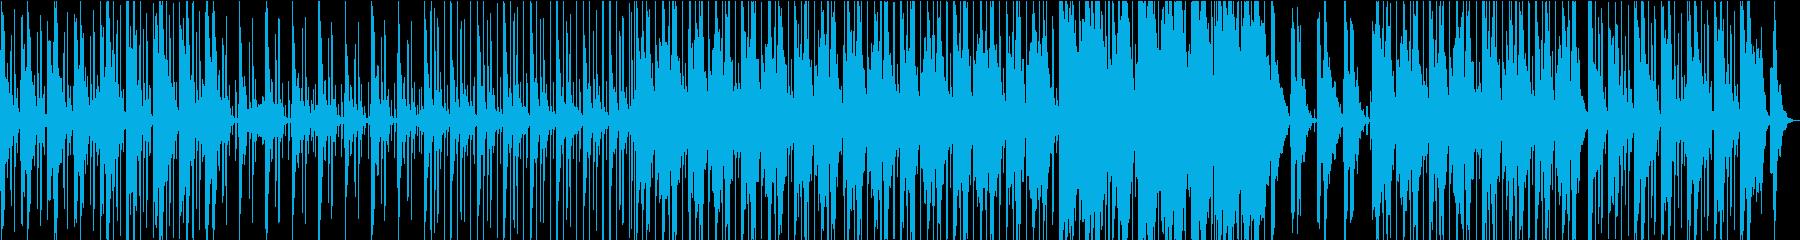 シティポップ/R&B_No460_3の再生済みの波形